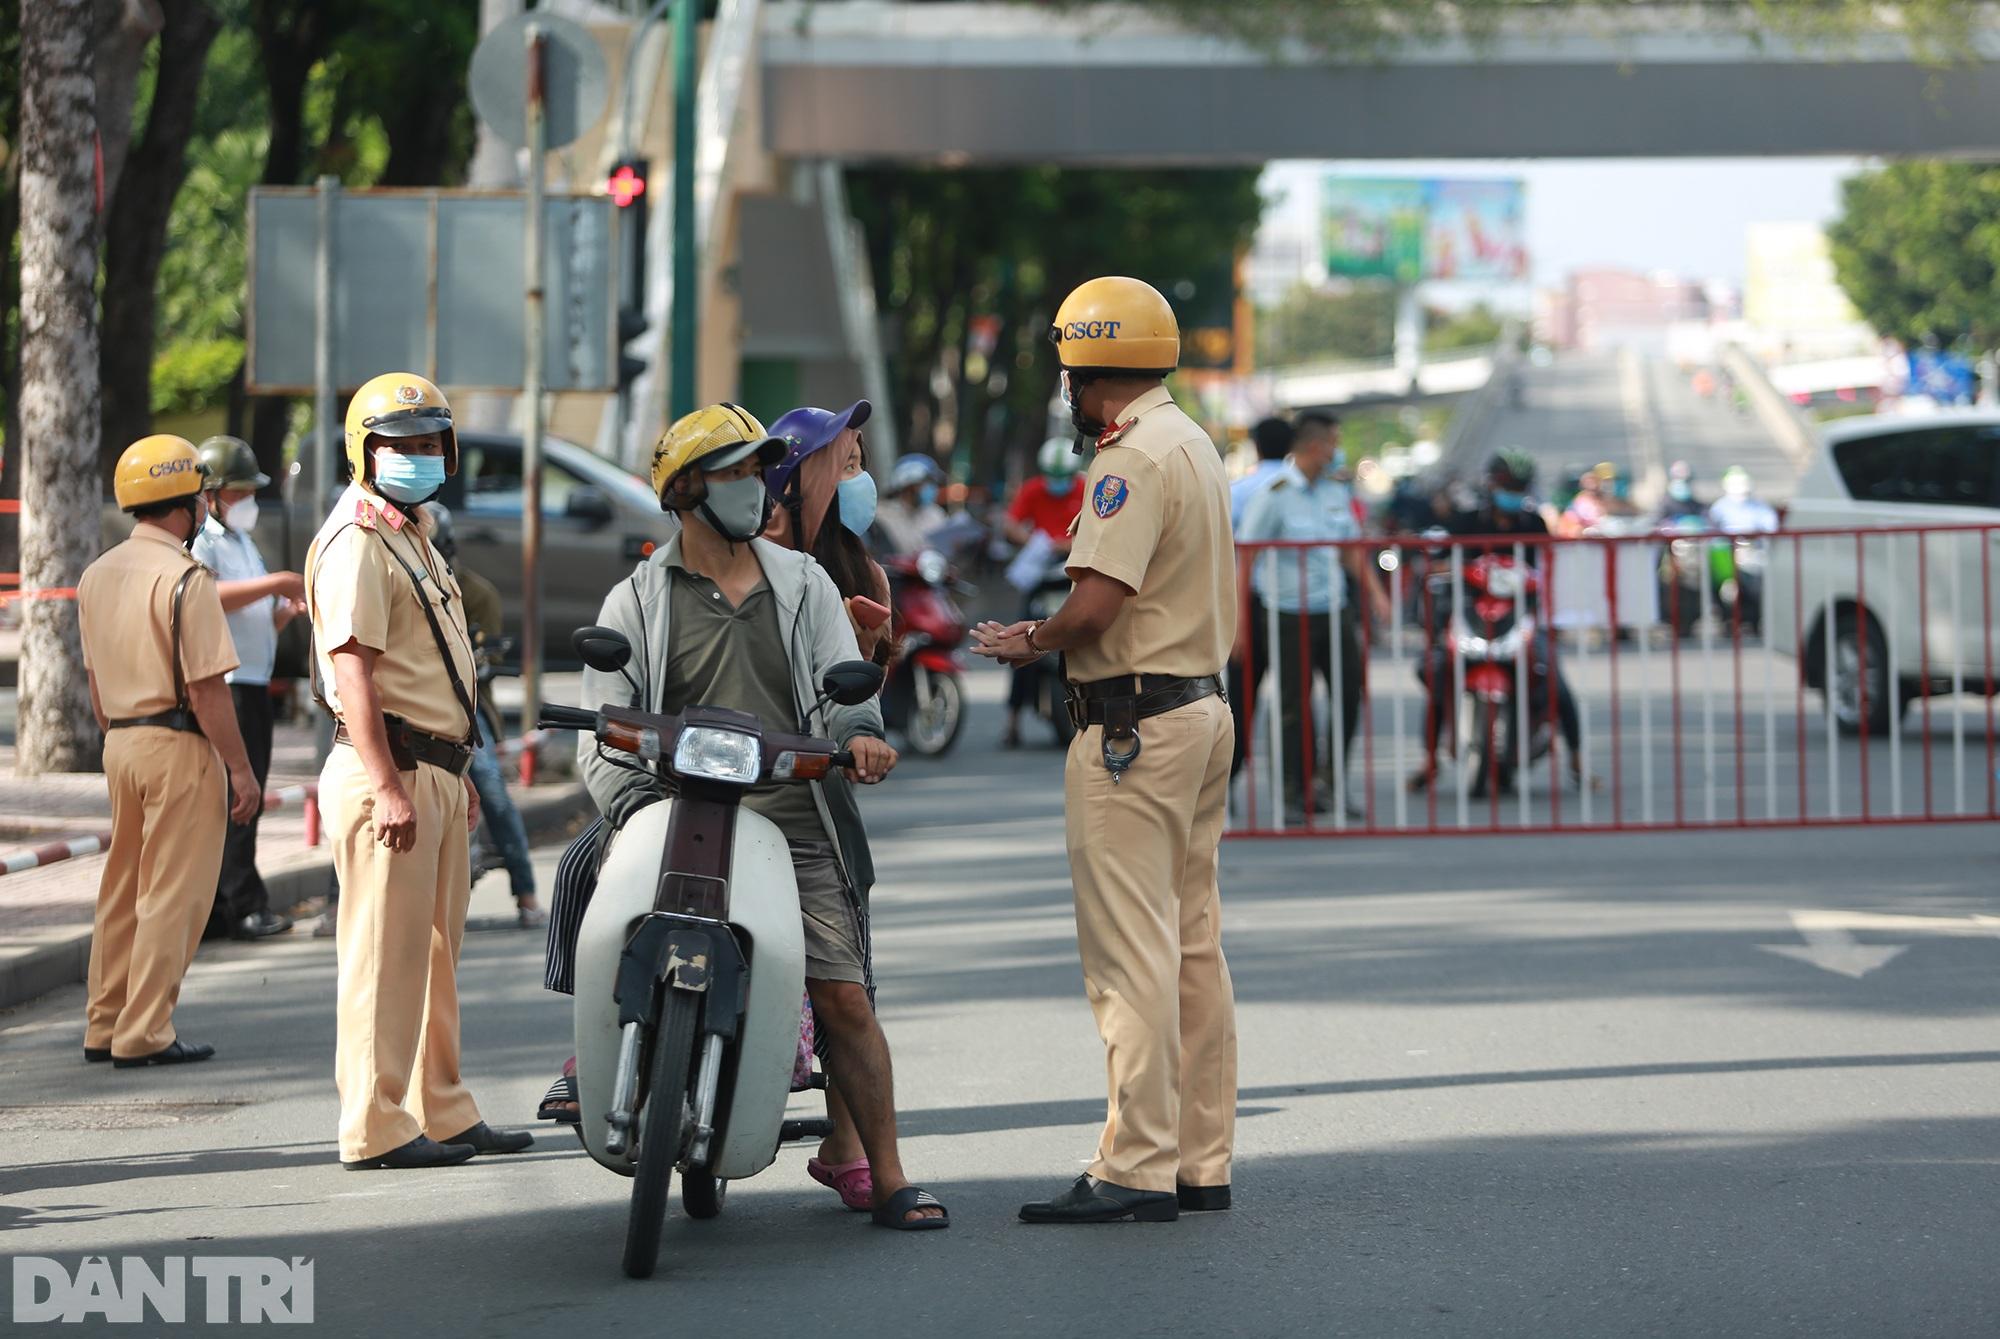 Đạp xe ra đường ở TPHCM với lý do mập mờ không thể xác thực bị phạt 2 triệu - 5